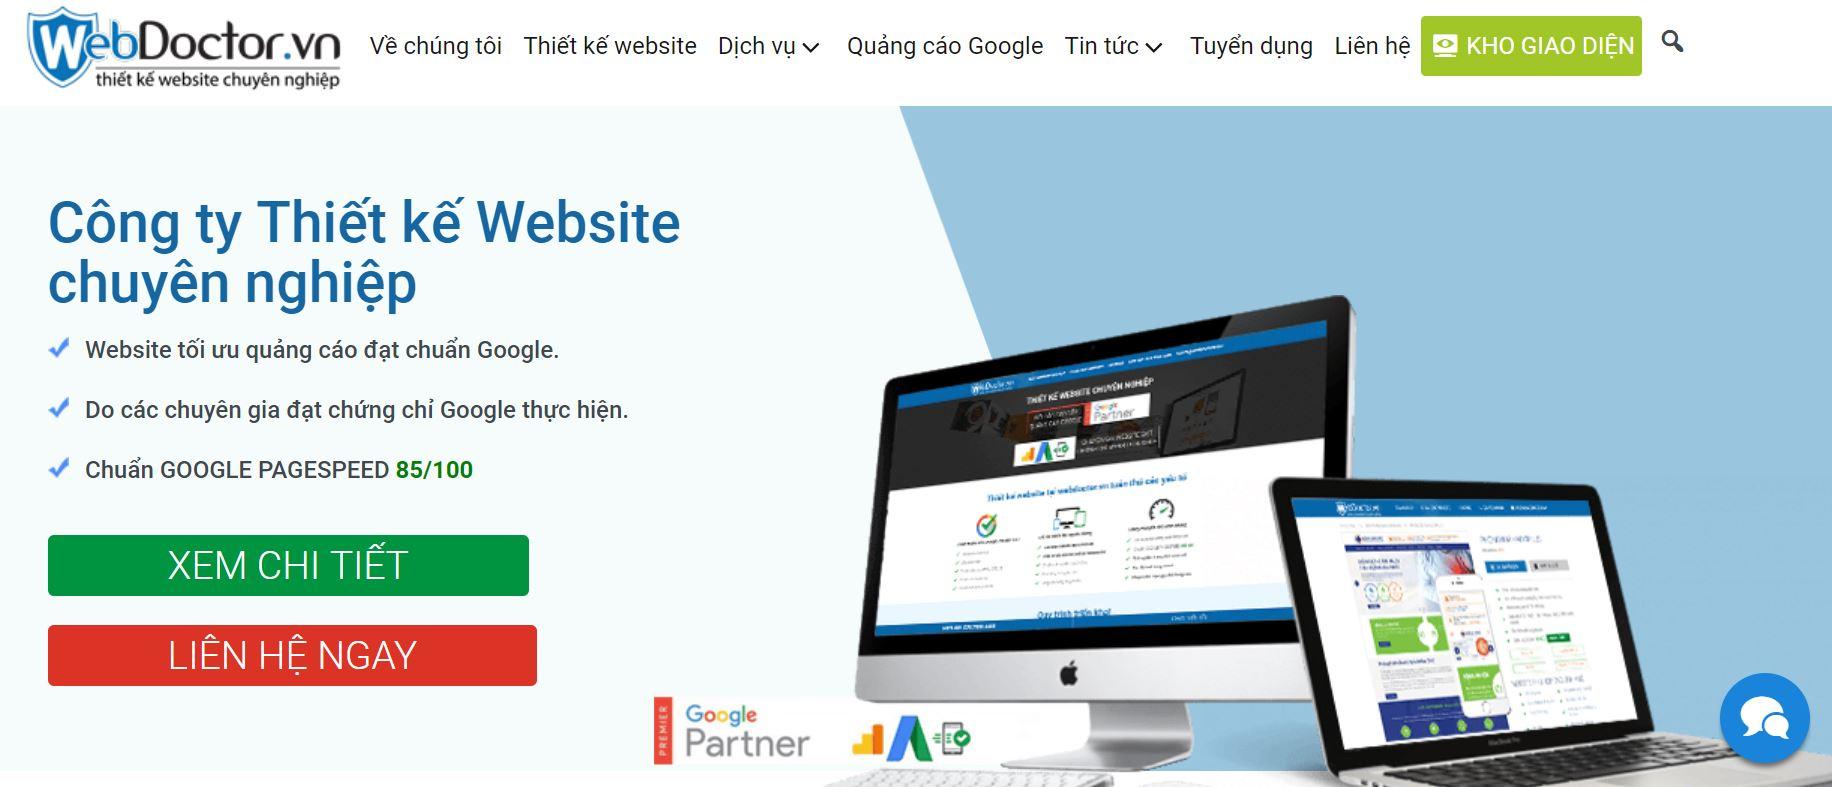 tư vấn thiết kế website chuyên nghiệp3